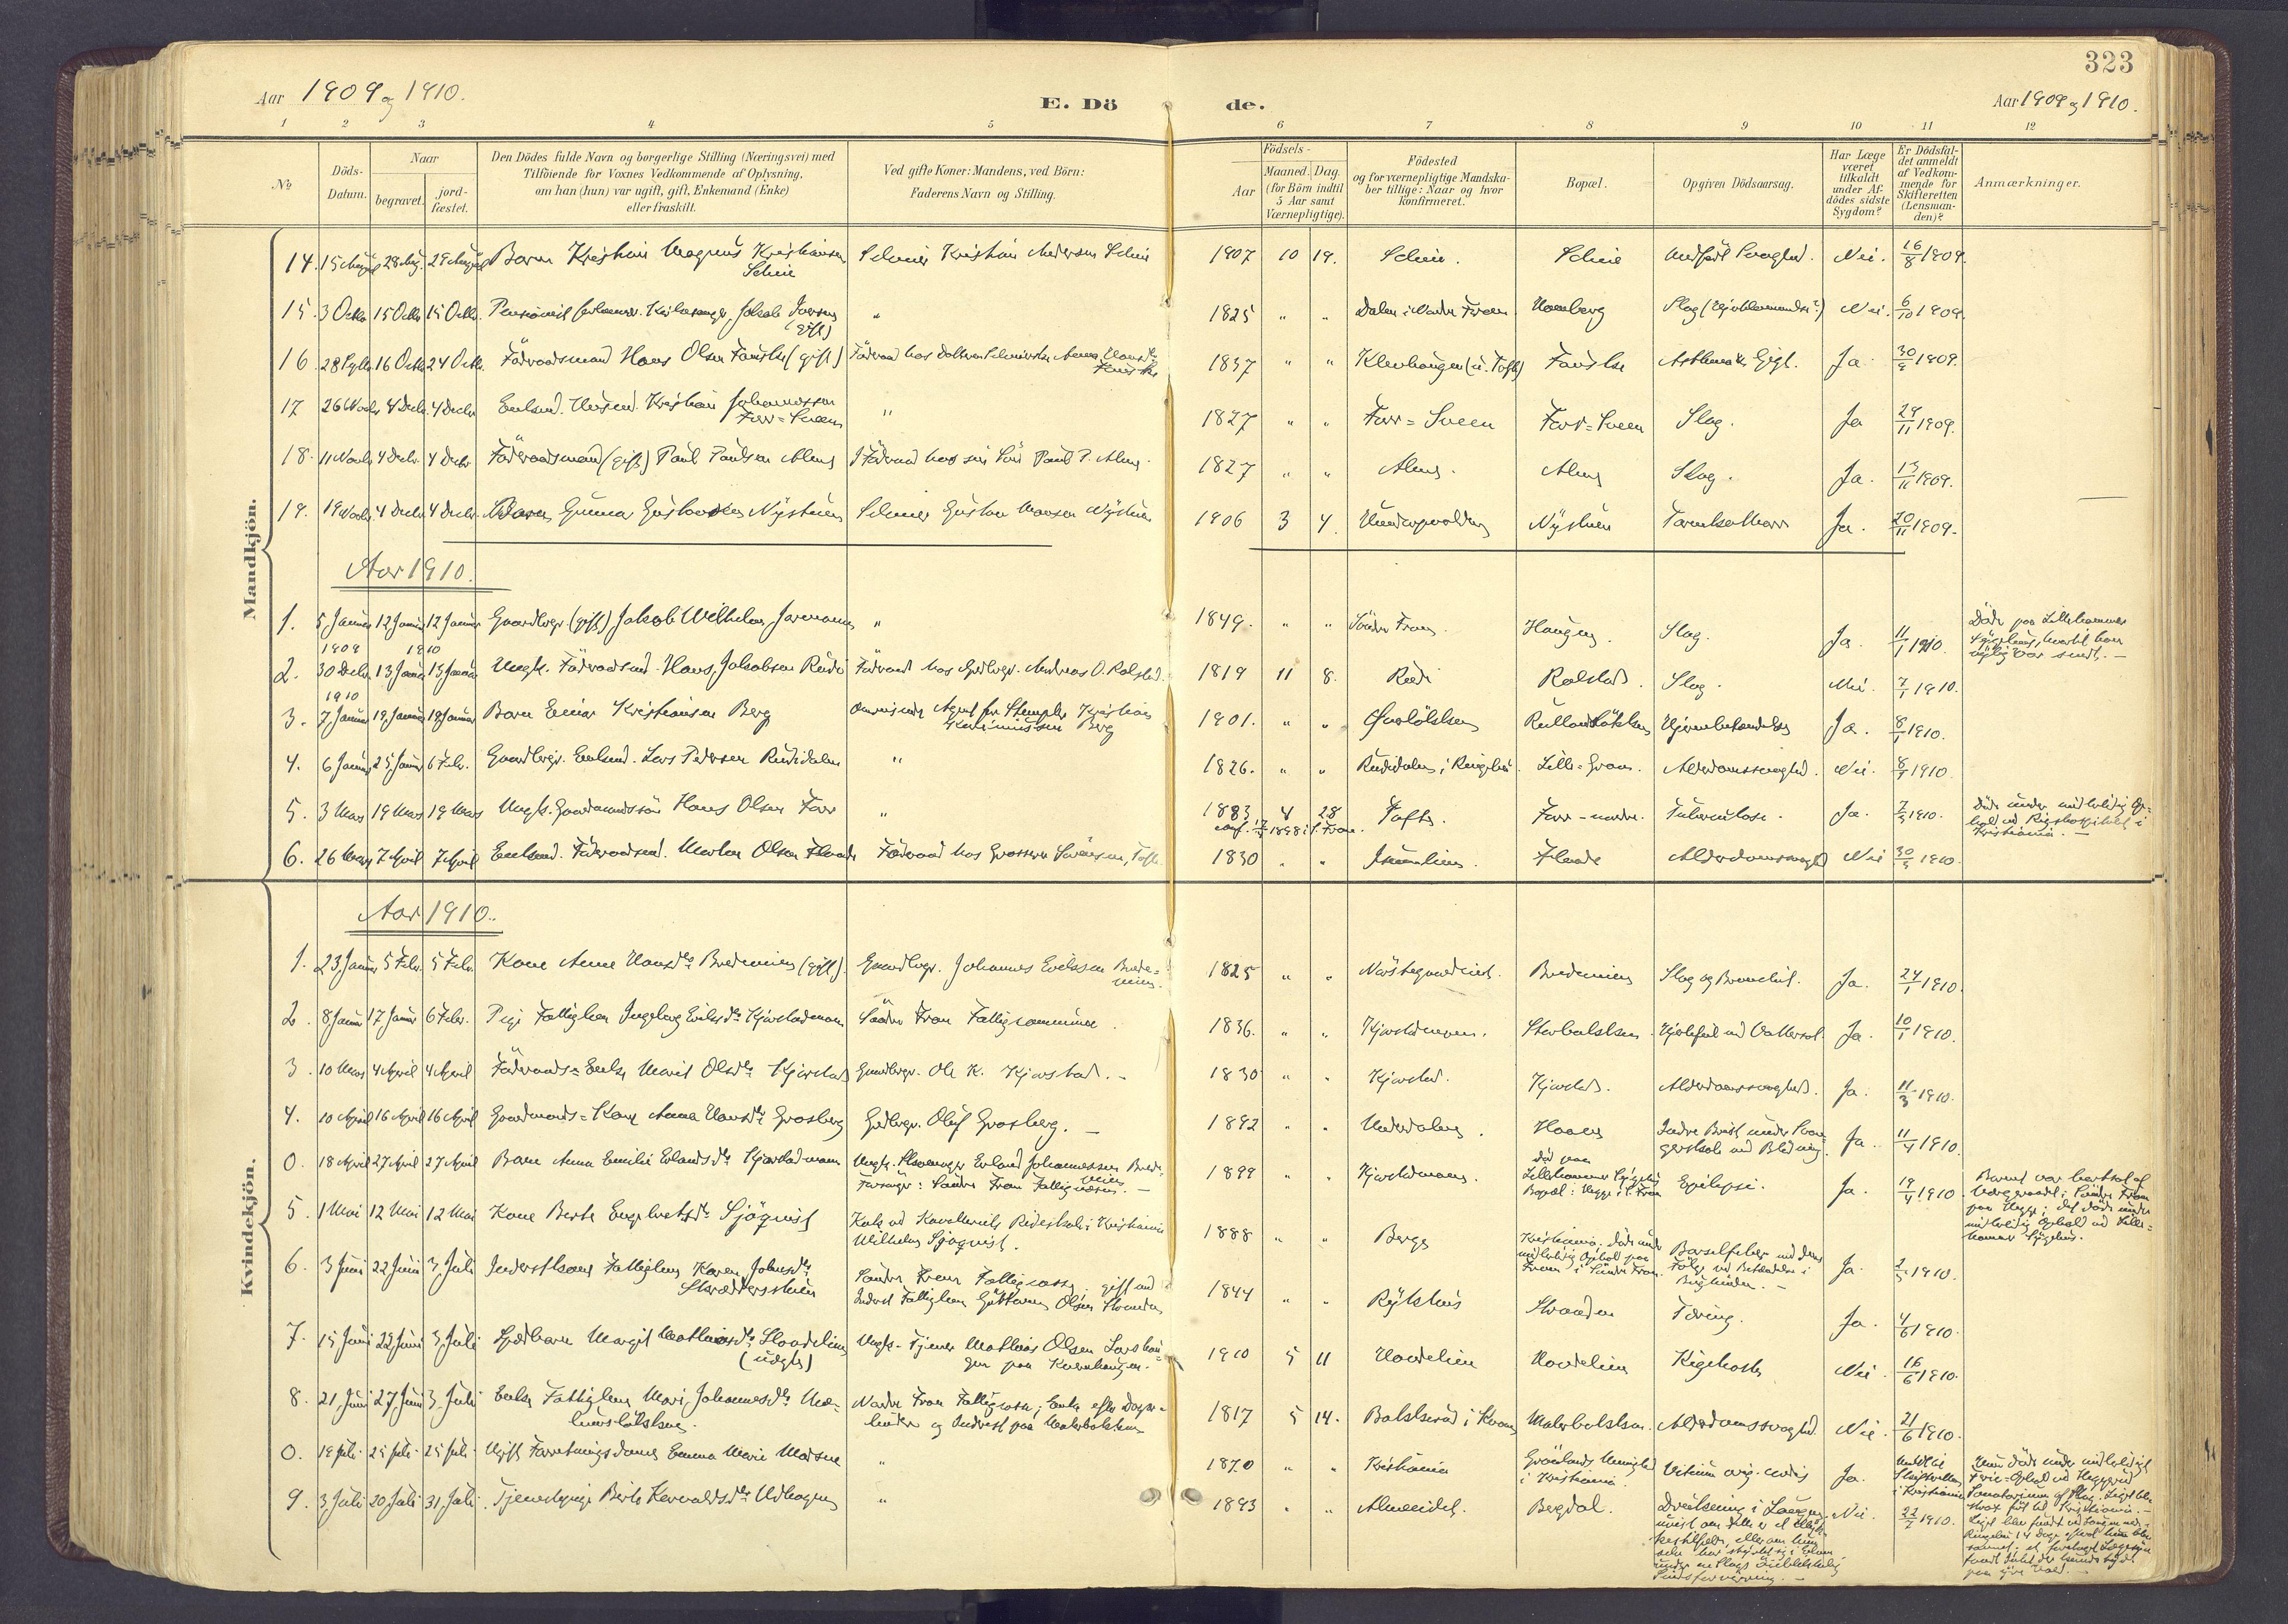 SAH, Sør-Fron prestekontor, H/Ha/Haa/L0004: Ministerialbok nr. 4, 1898-1919, s. 323